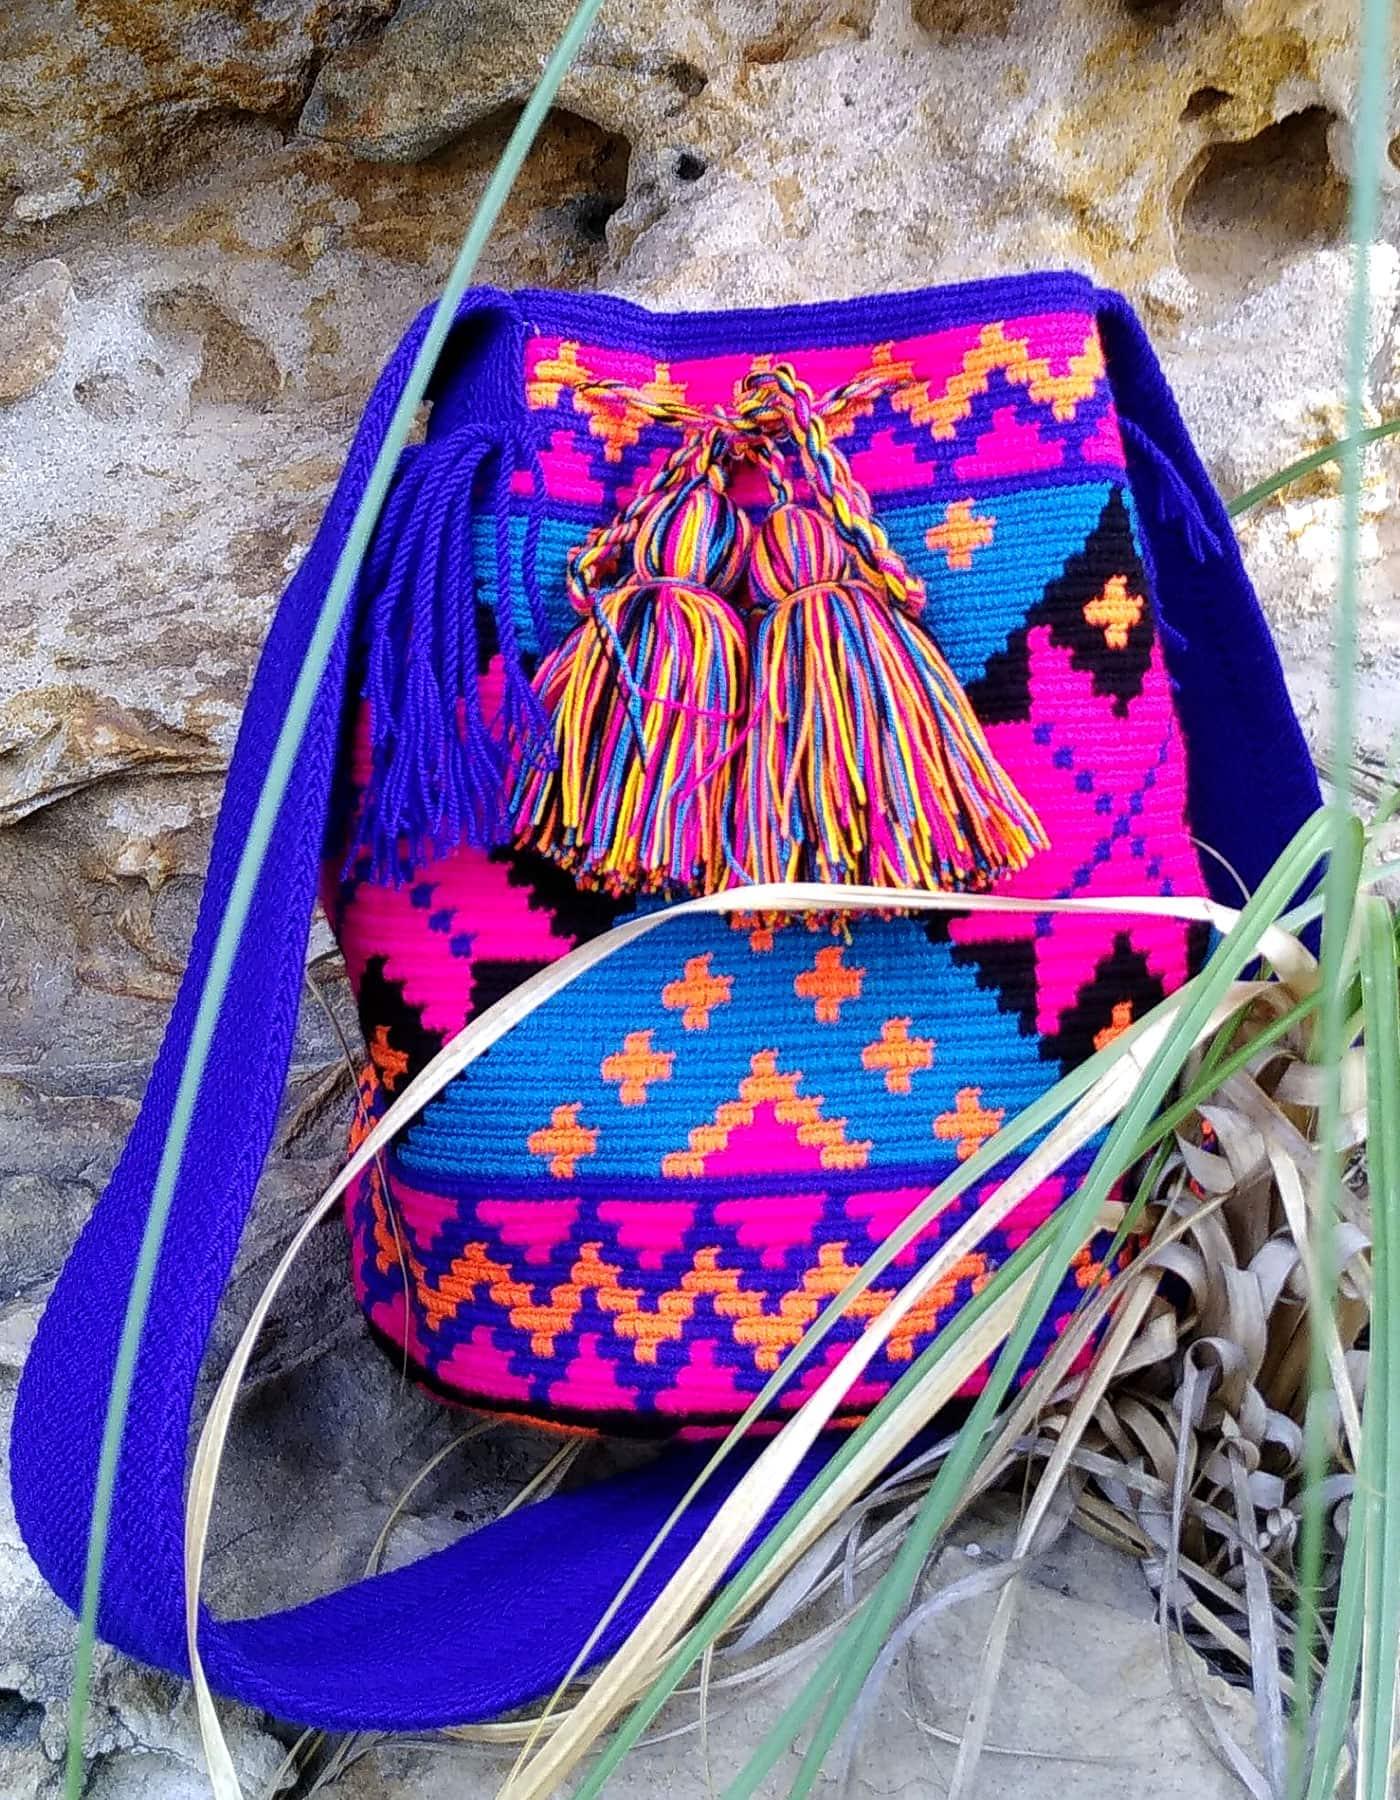 Bolso Wayuu Artesanal, Auténtico y Original (sólo 1 igual) con motivos tribales, azul, azul oscuro, cian, naranja claro y negro C